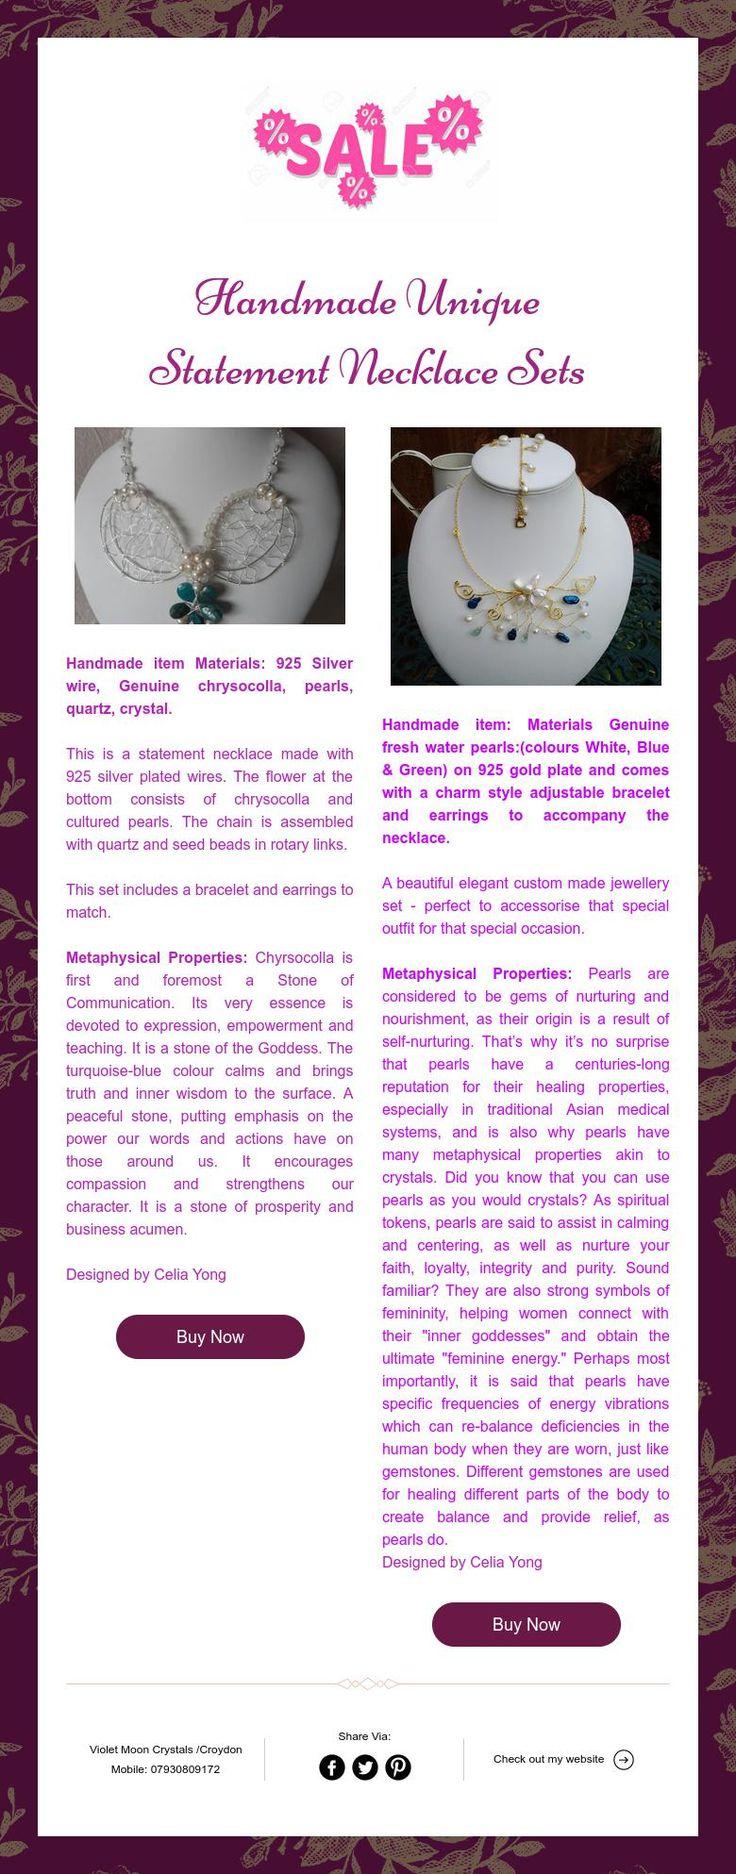 Handmade Unique  Statement Necklace Sets